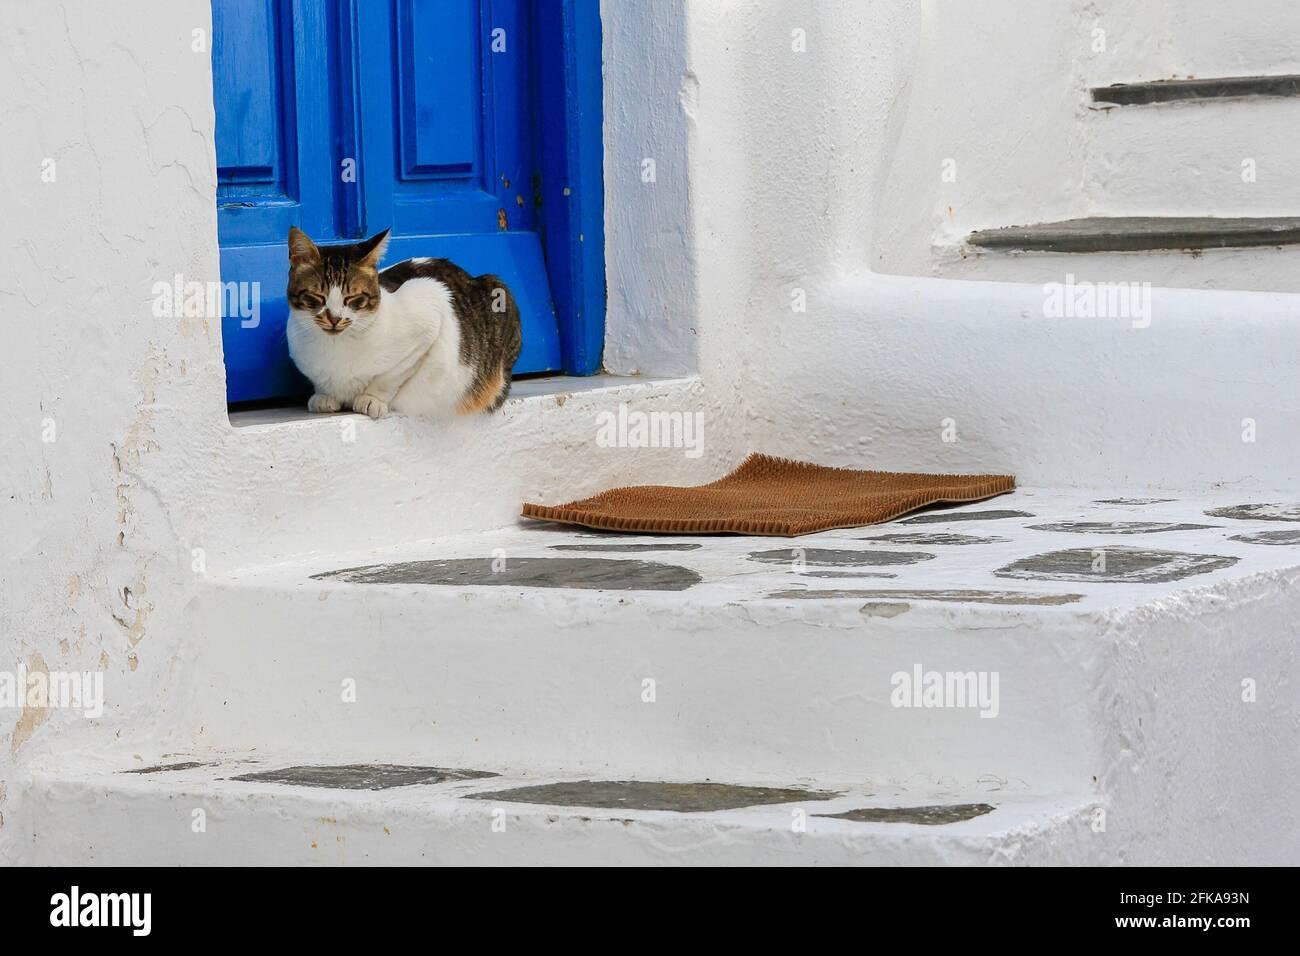 Chat perché au seuil d'un bâtiment blanchi à la chaux avec porte et escalier bleus, Mykonos, Grèce Banque D'Images